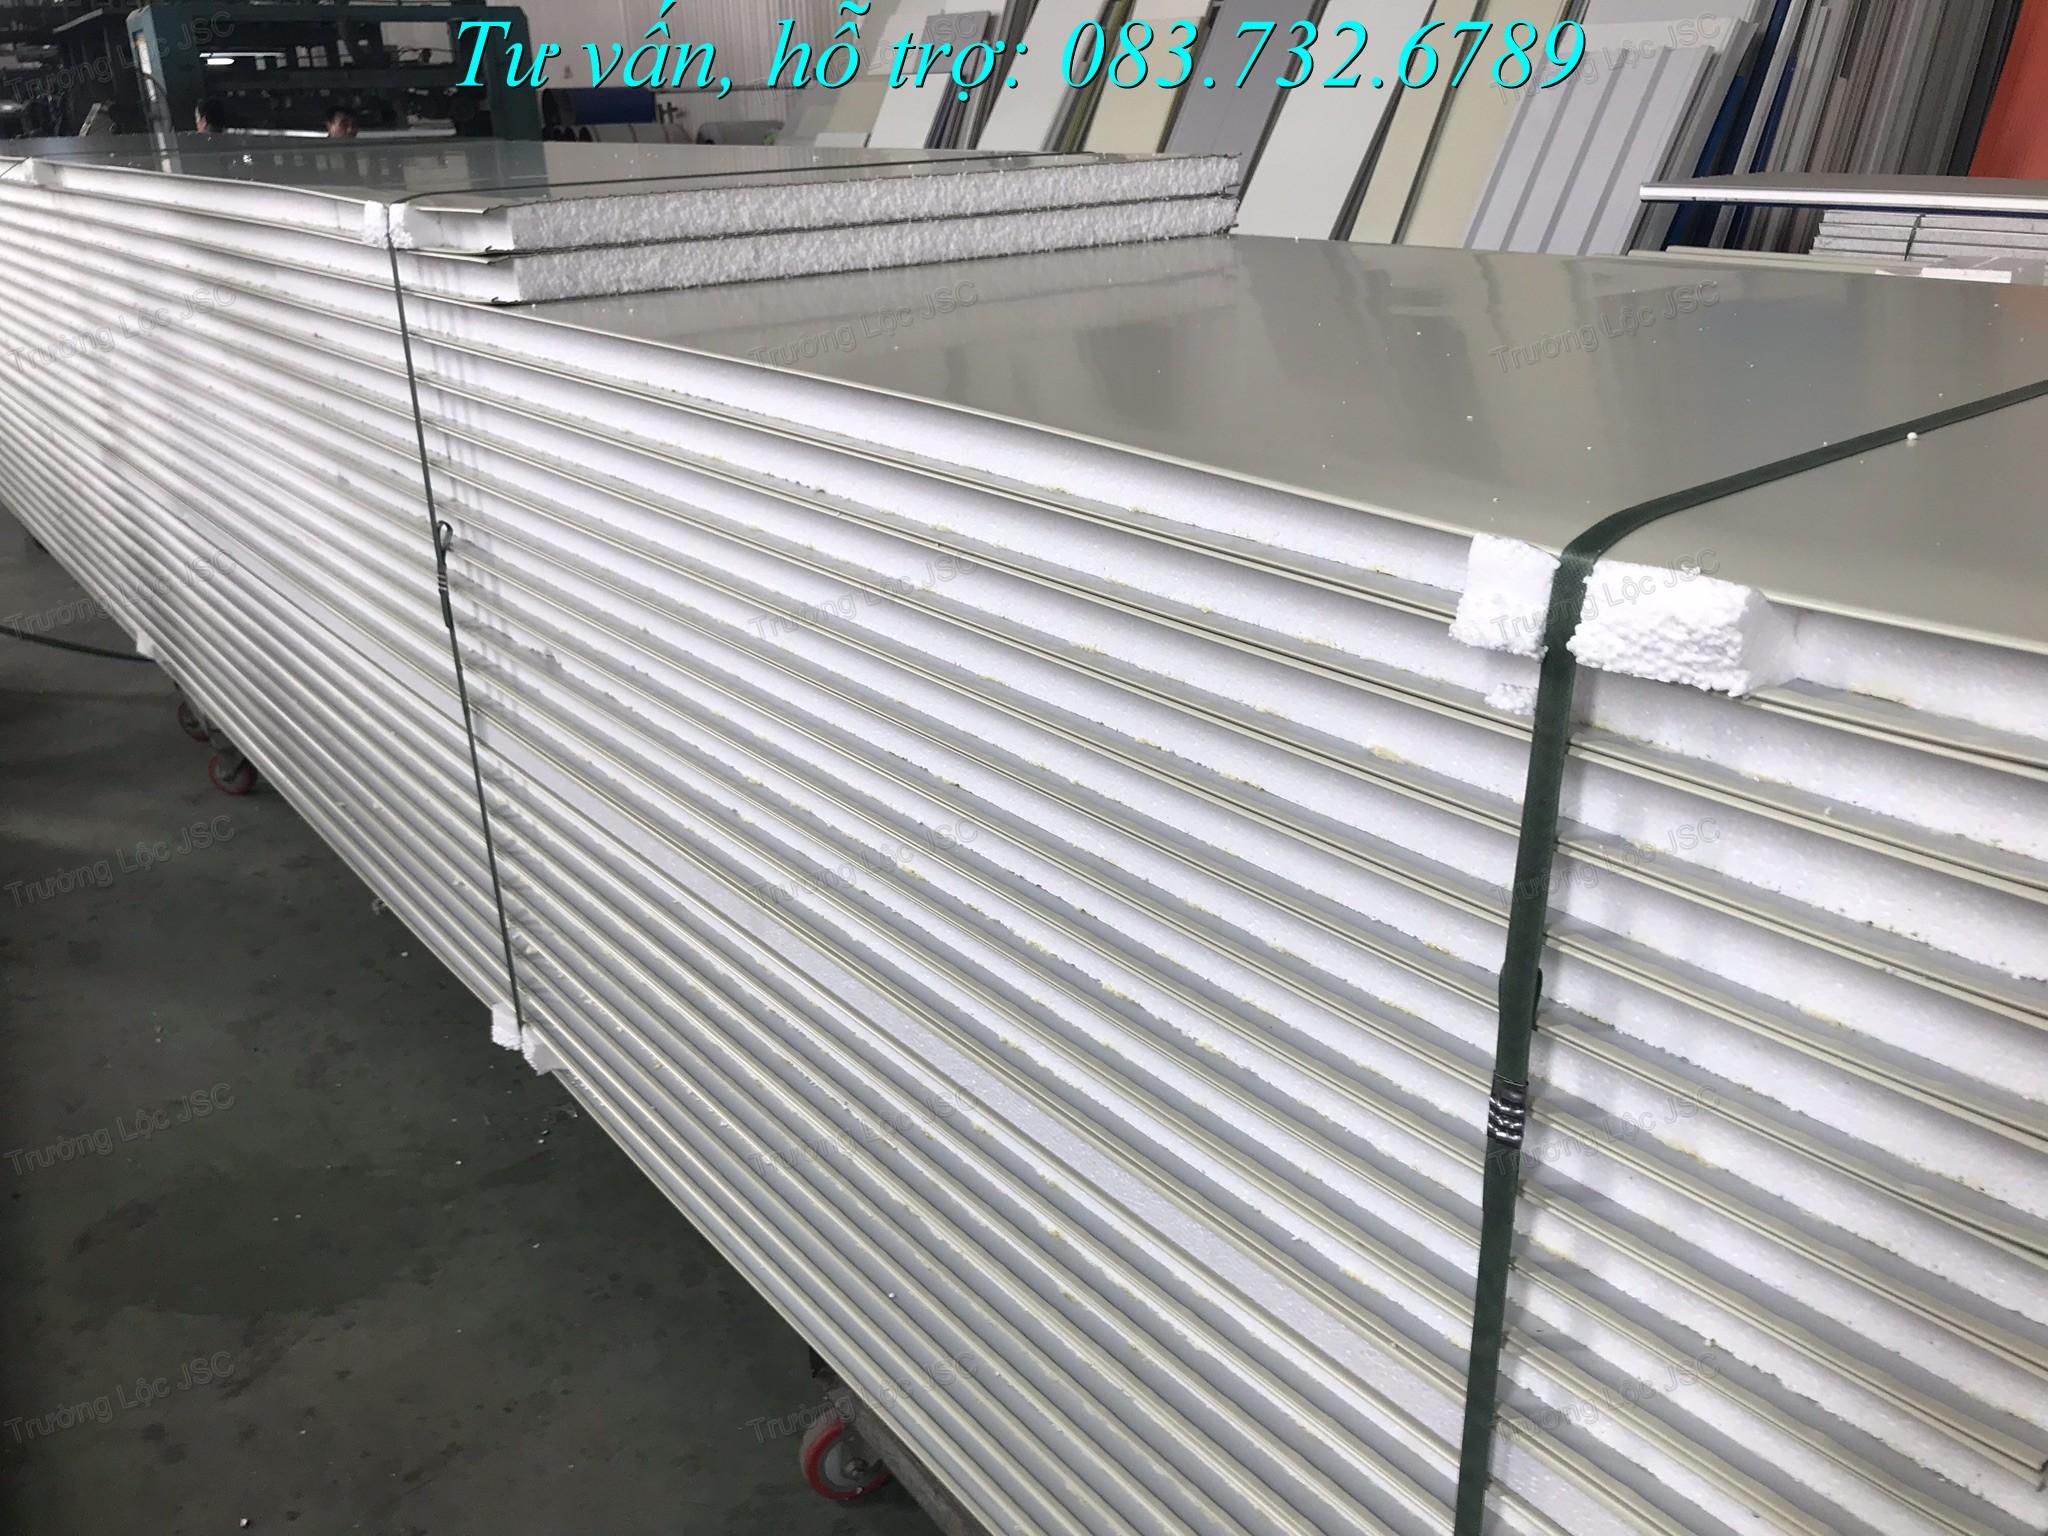 panel vách trong dùng để ngăn phòng hoặc làm panel cheo trần